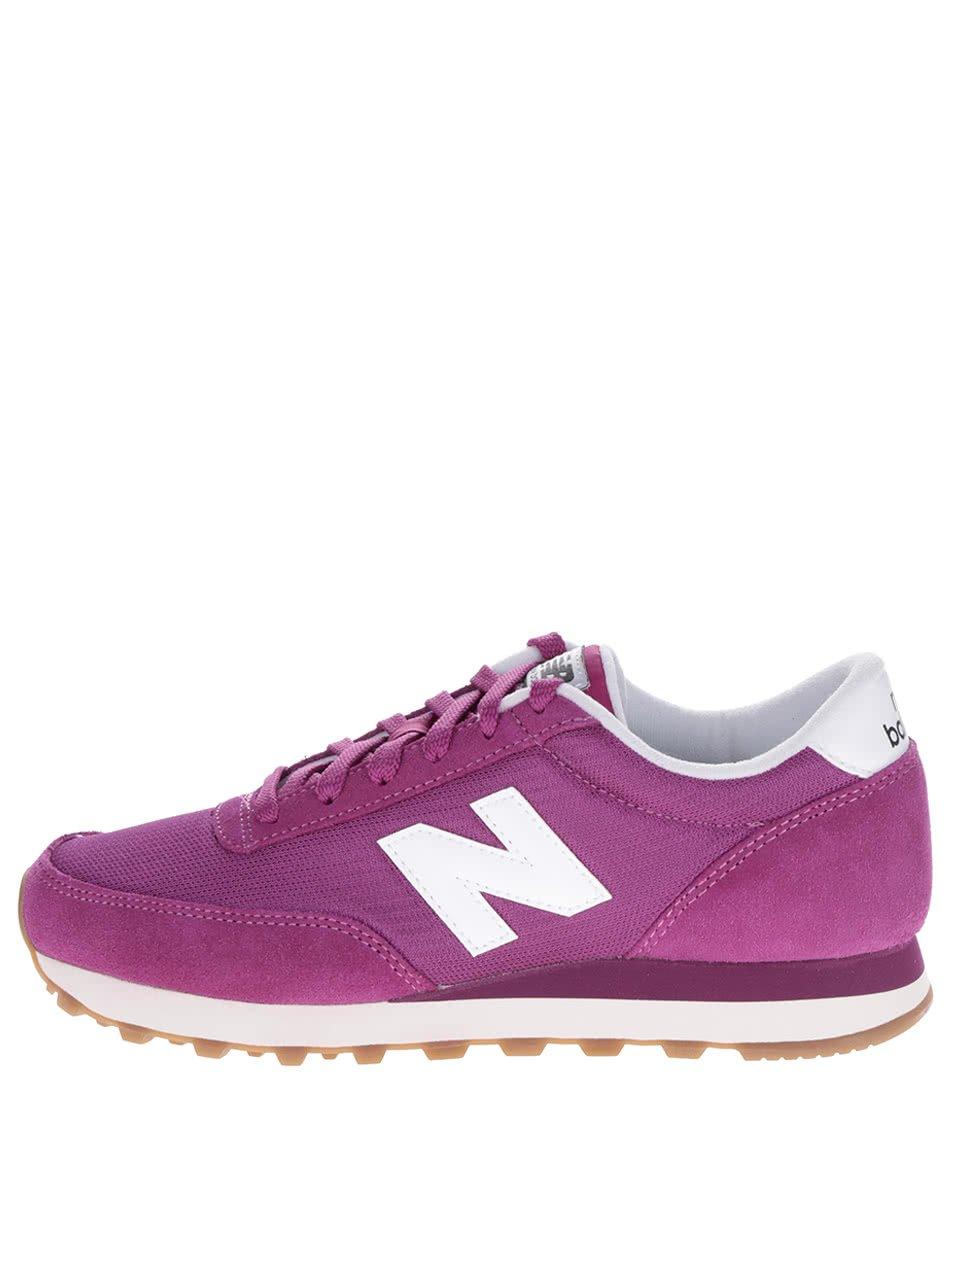 Tmavě růžové dámské tenisky New Balance